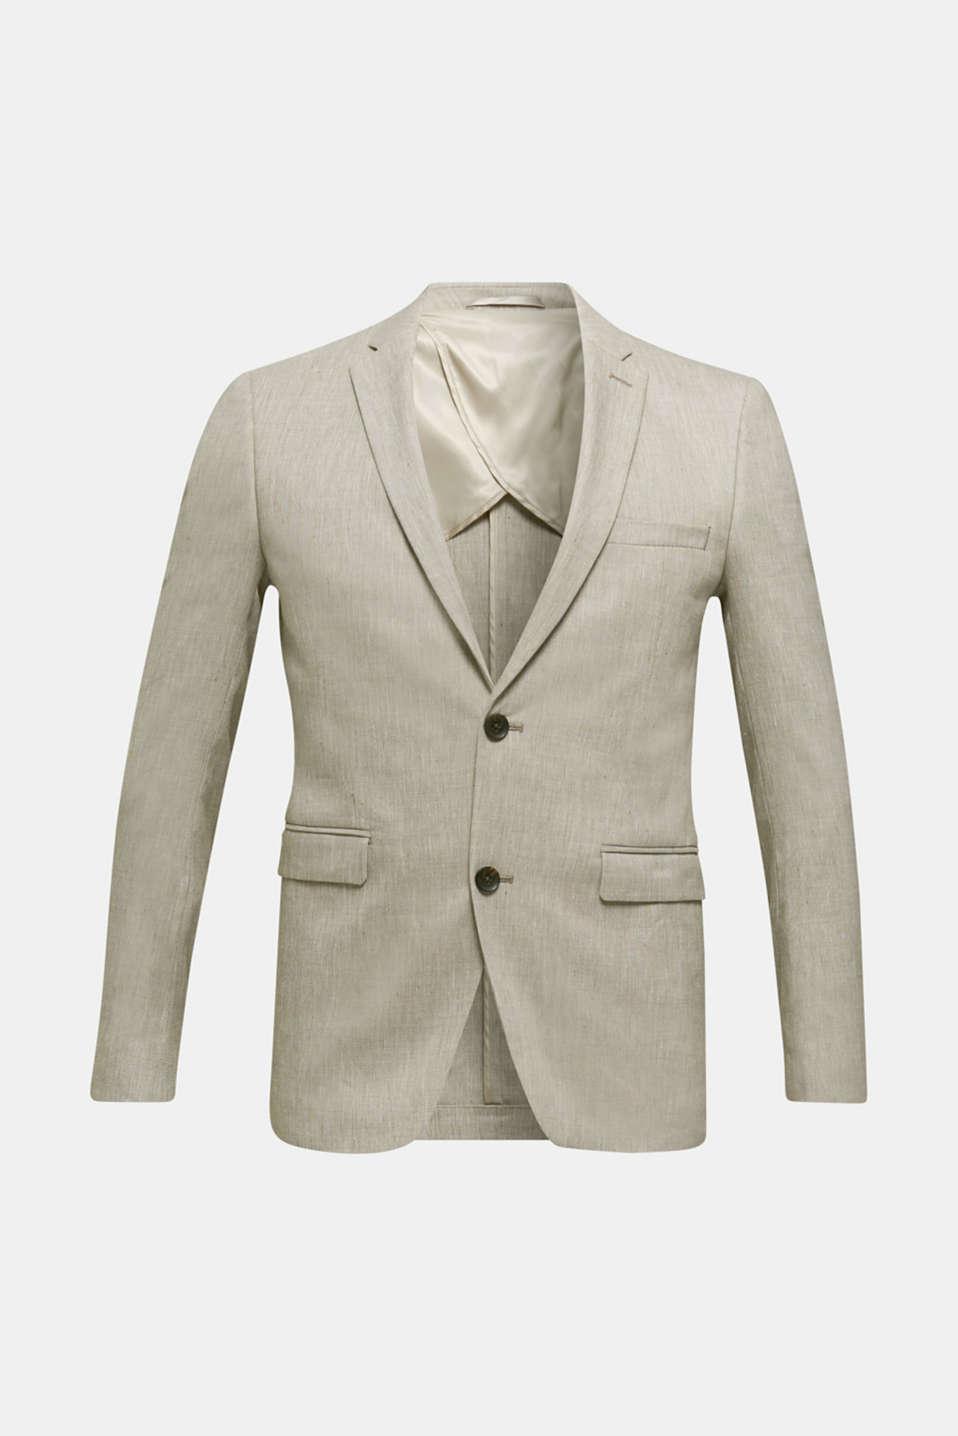 End-on-end linen blend jacket, SAND 5, detail image number 7